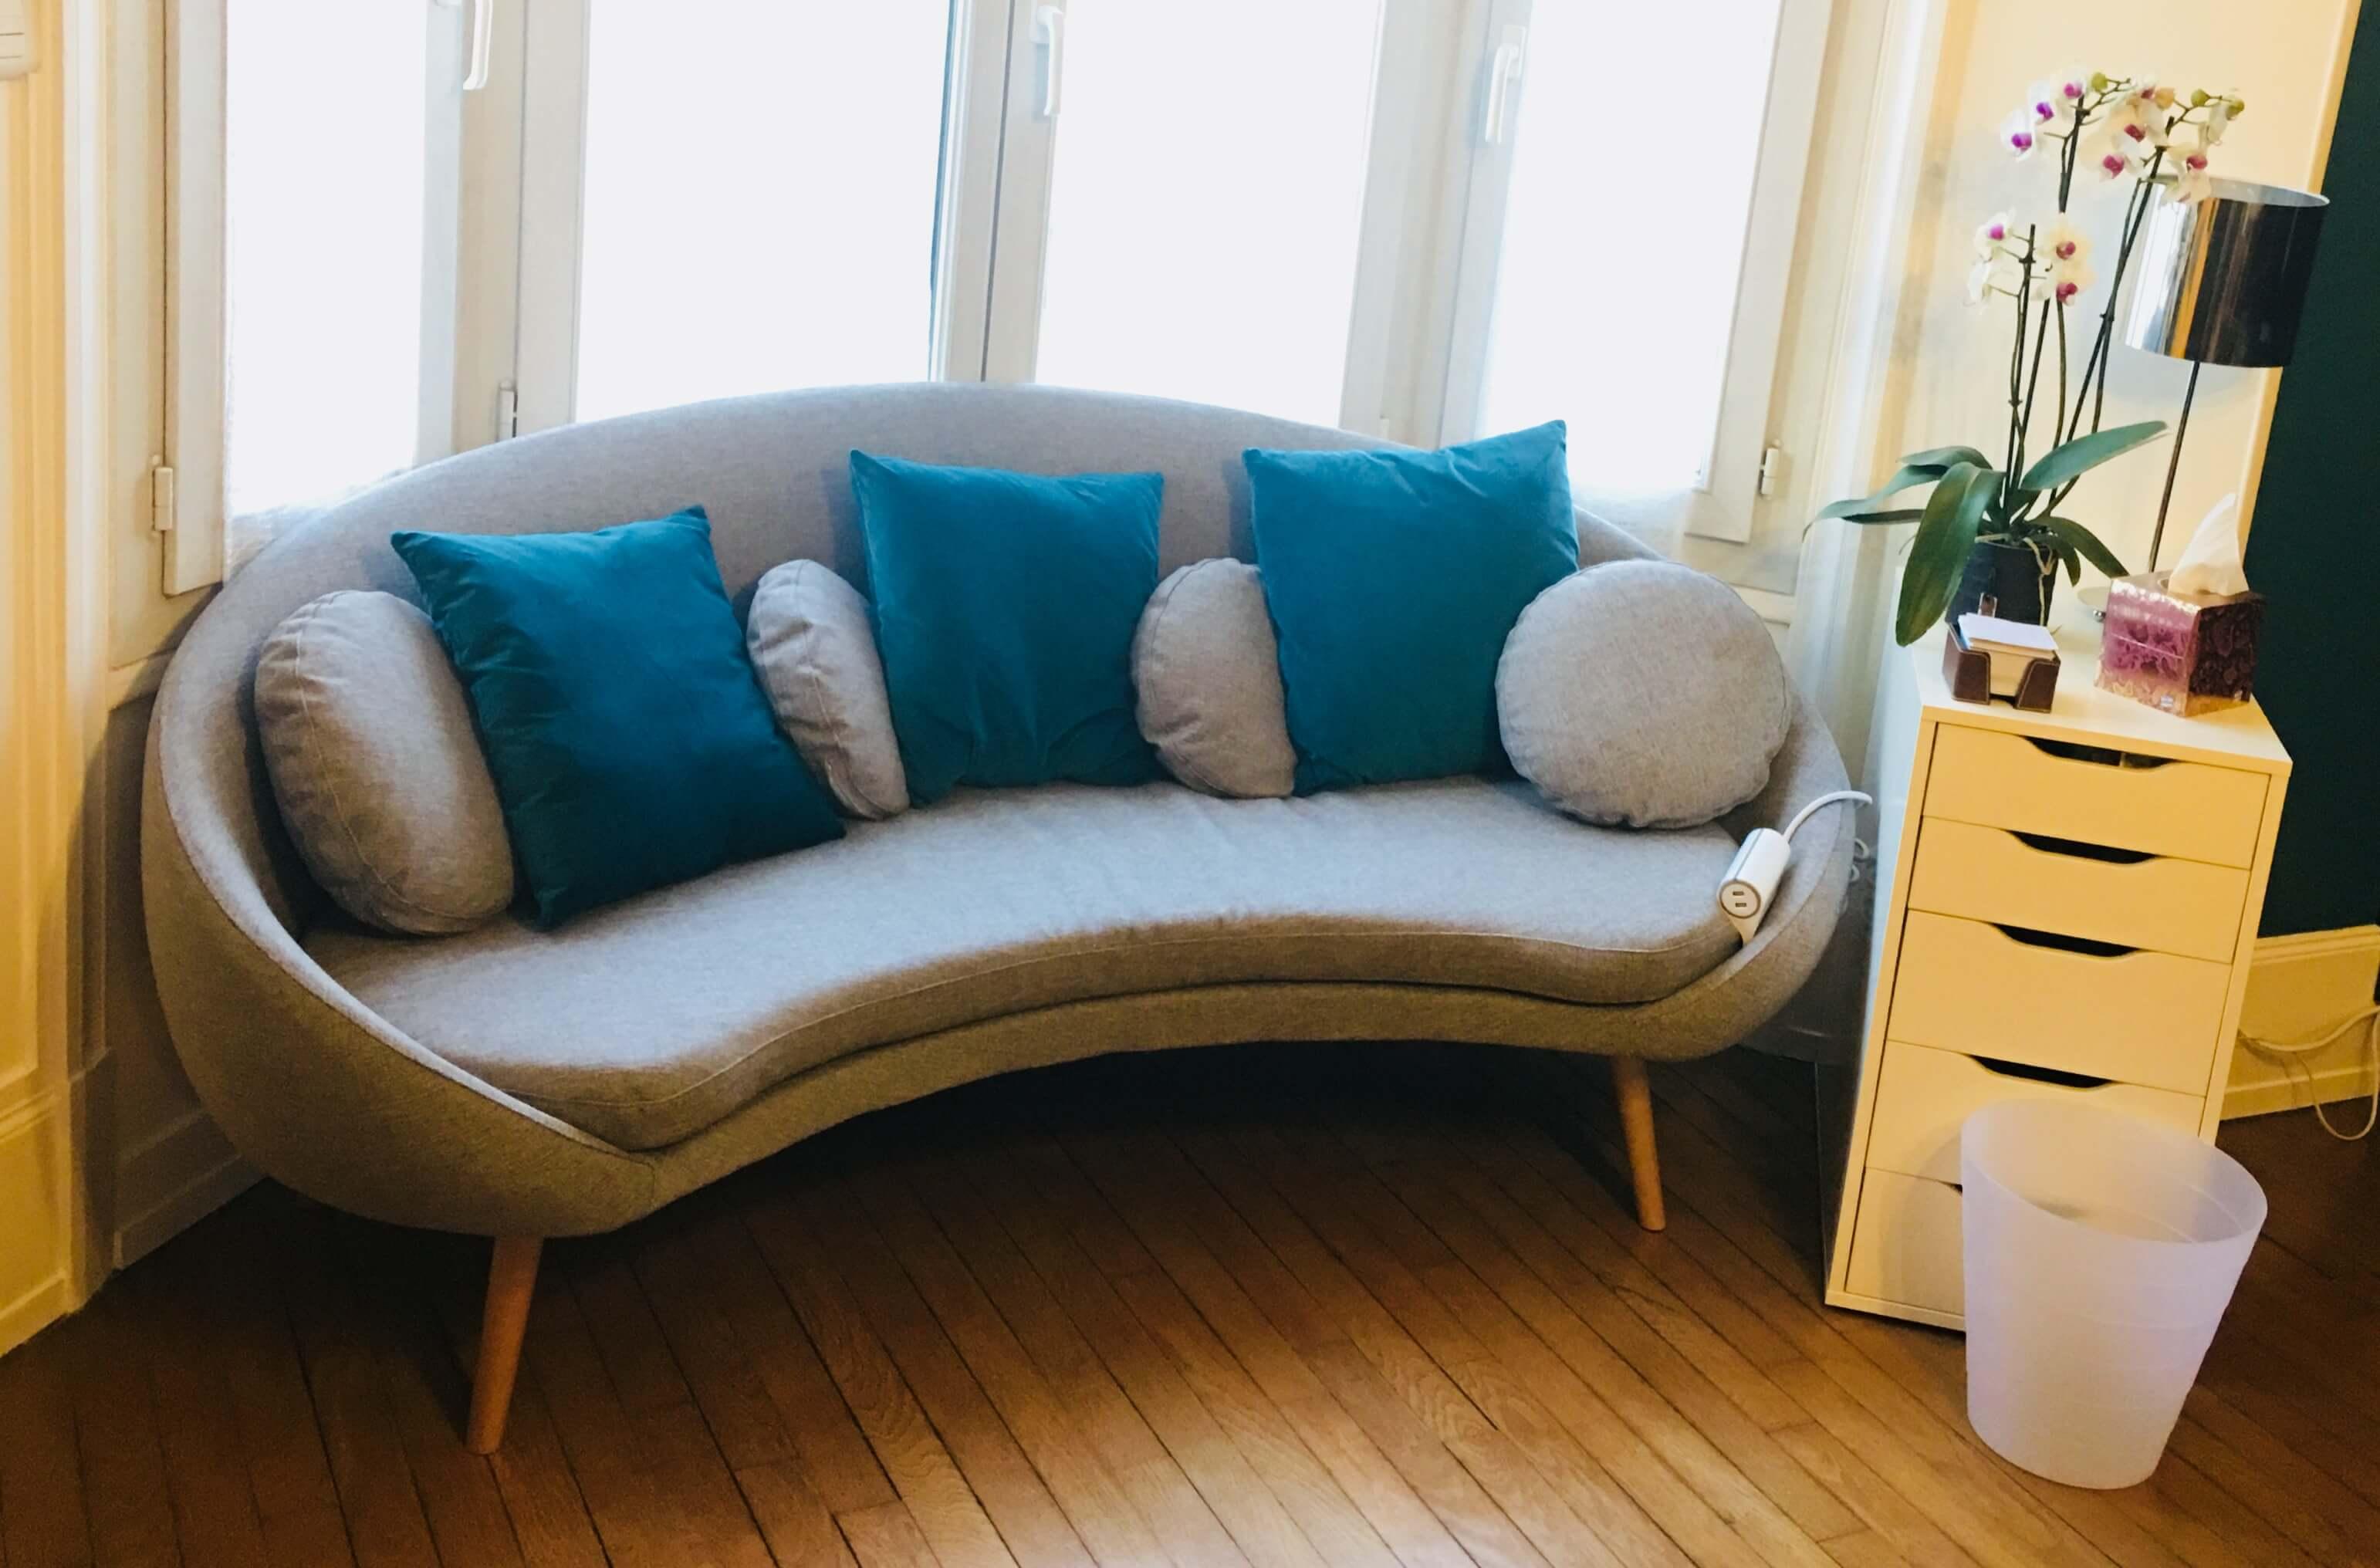 Salon tous confort avec canapé et multiples rangements dans votre appartement tous confort Location privée APPART SPA 21 de Dijon votre appartement privé de luxe avec salle de cinéma, spa et sauna